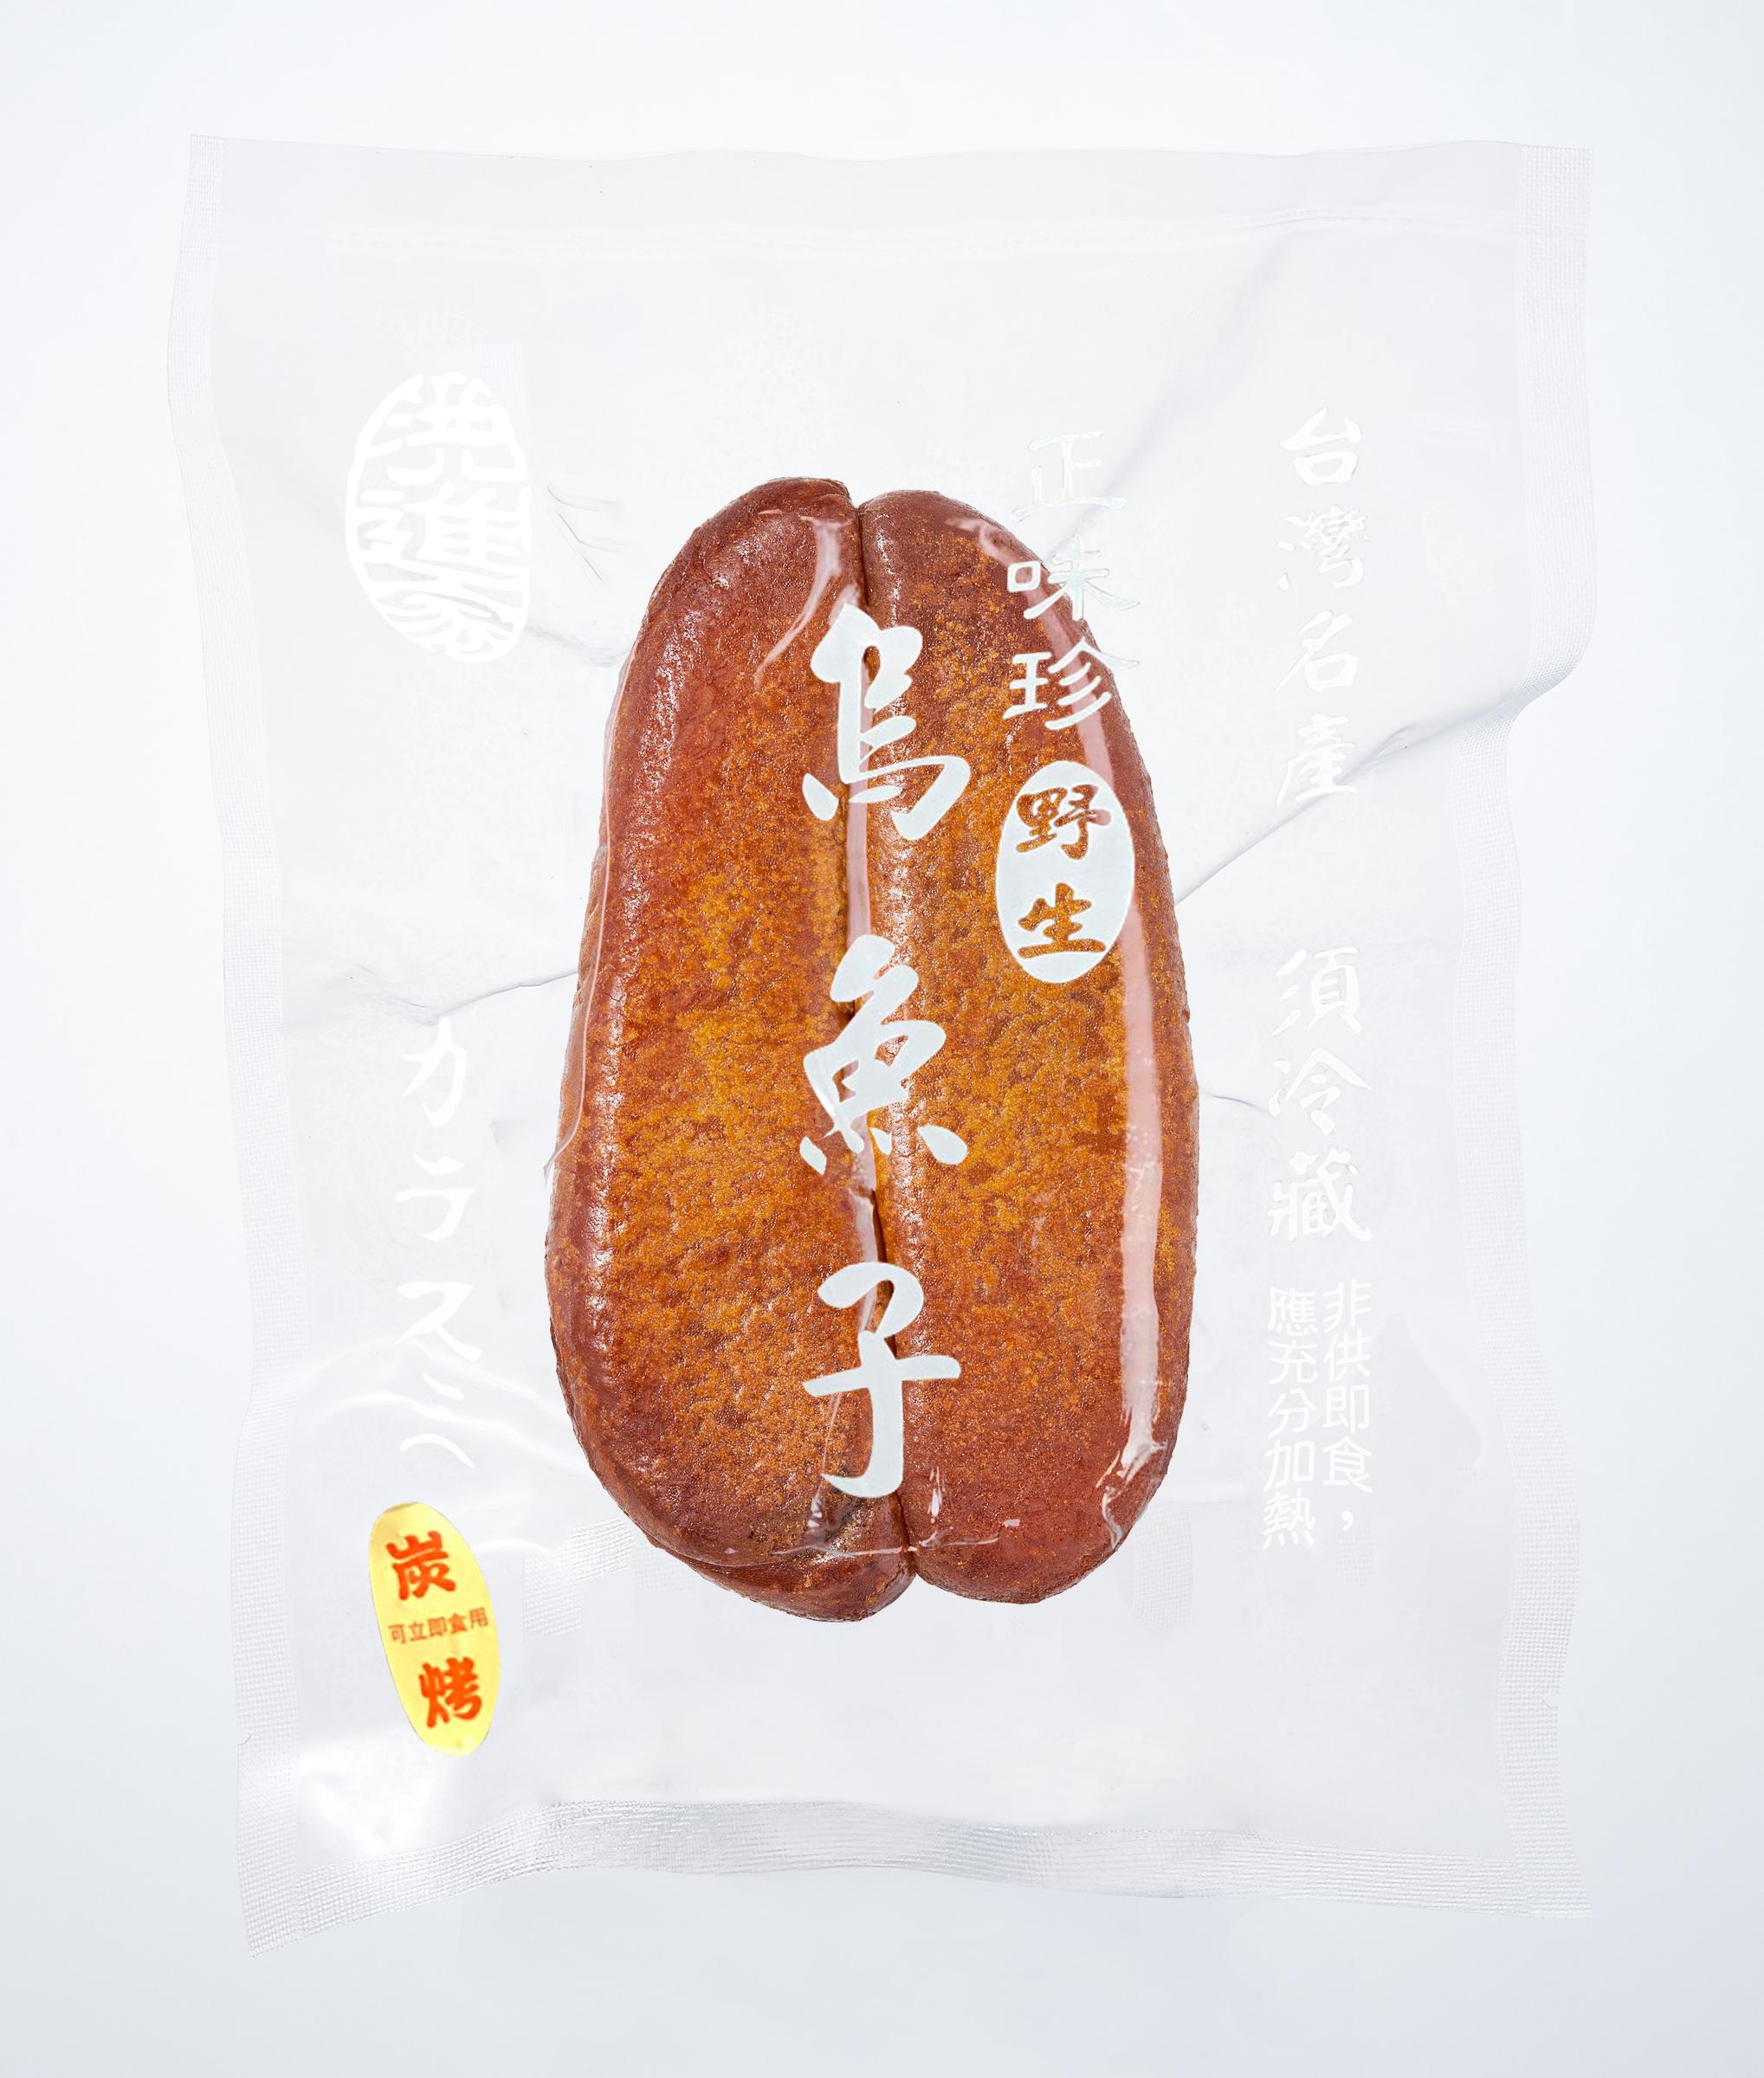 new_wu20210517-包裝合成-炭烤.jpeg